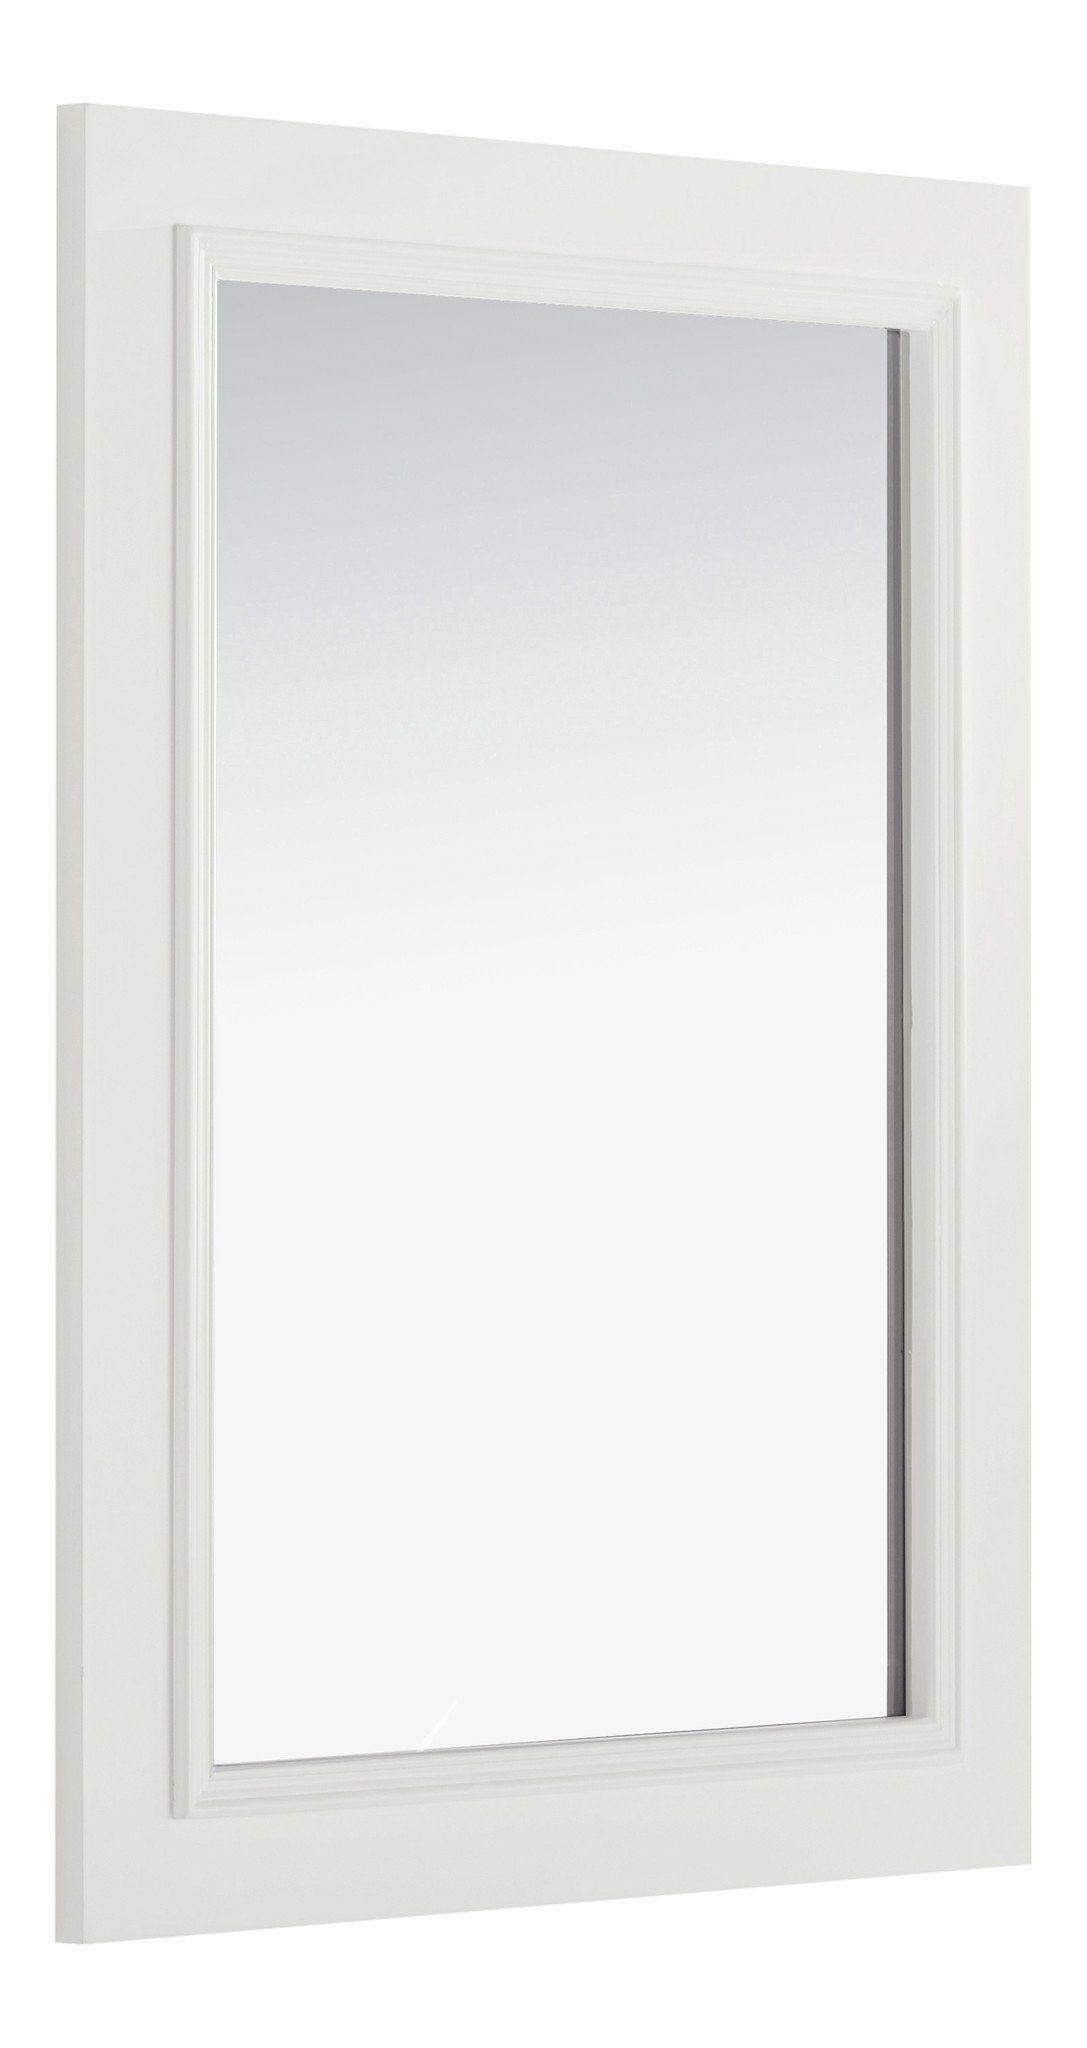 Cambridge 22 X 30 Inch Bath Vanity Decor Mirror Mirror Decor